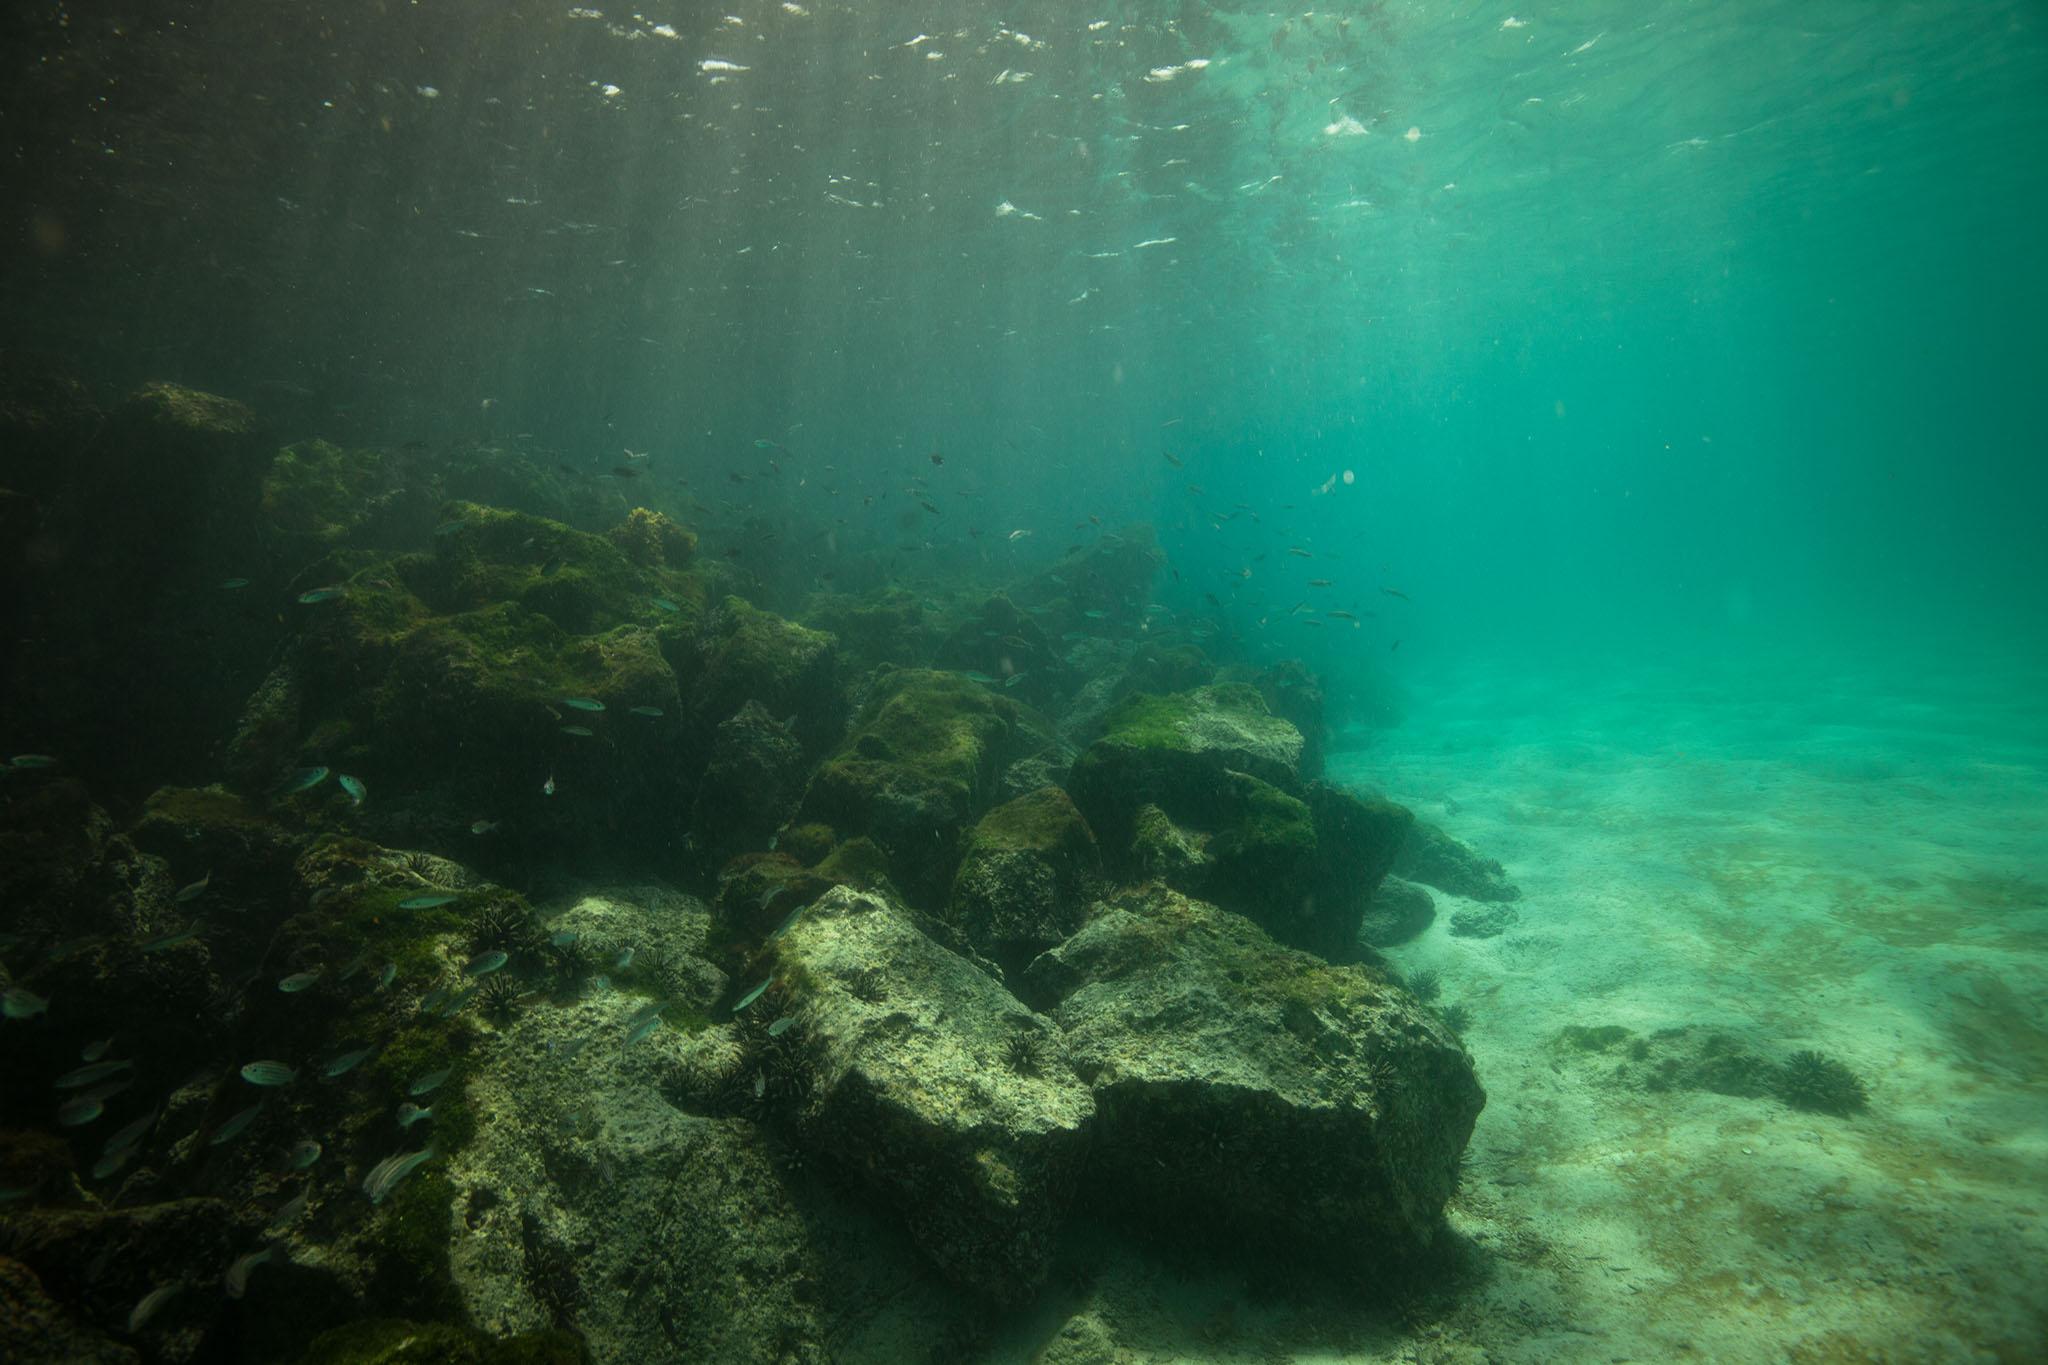 012-TW-Galapagos-121118.jpg